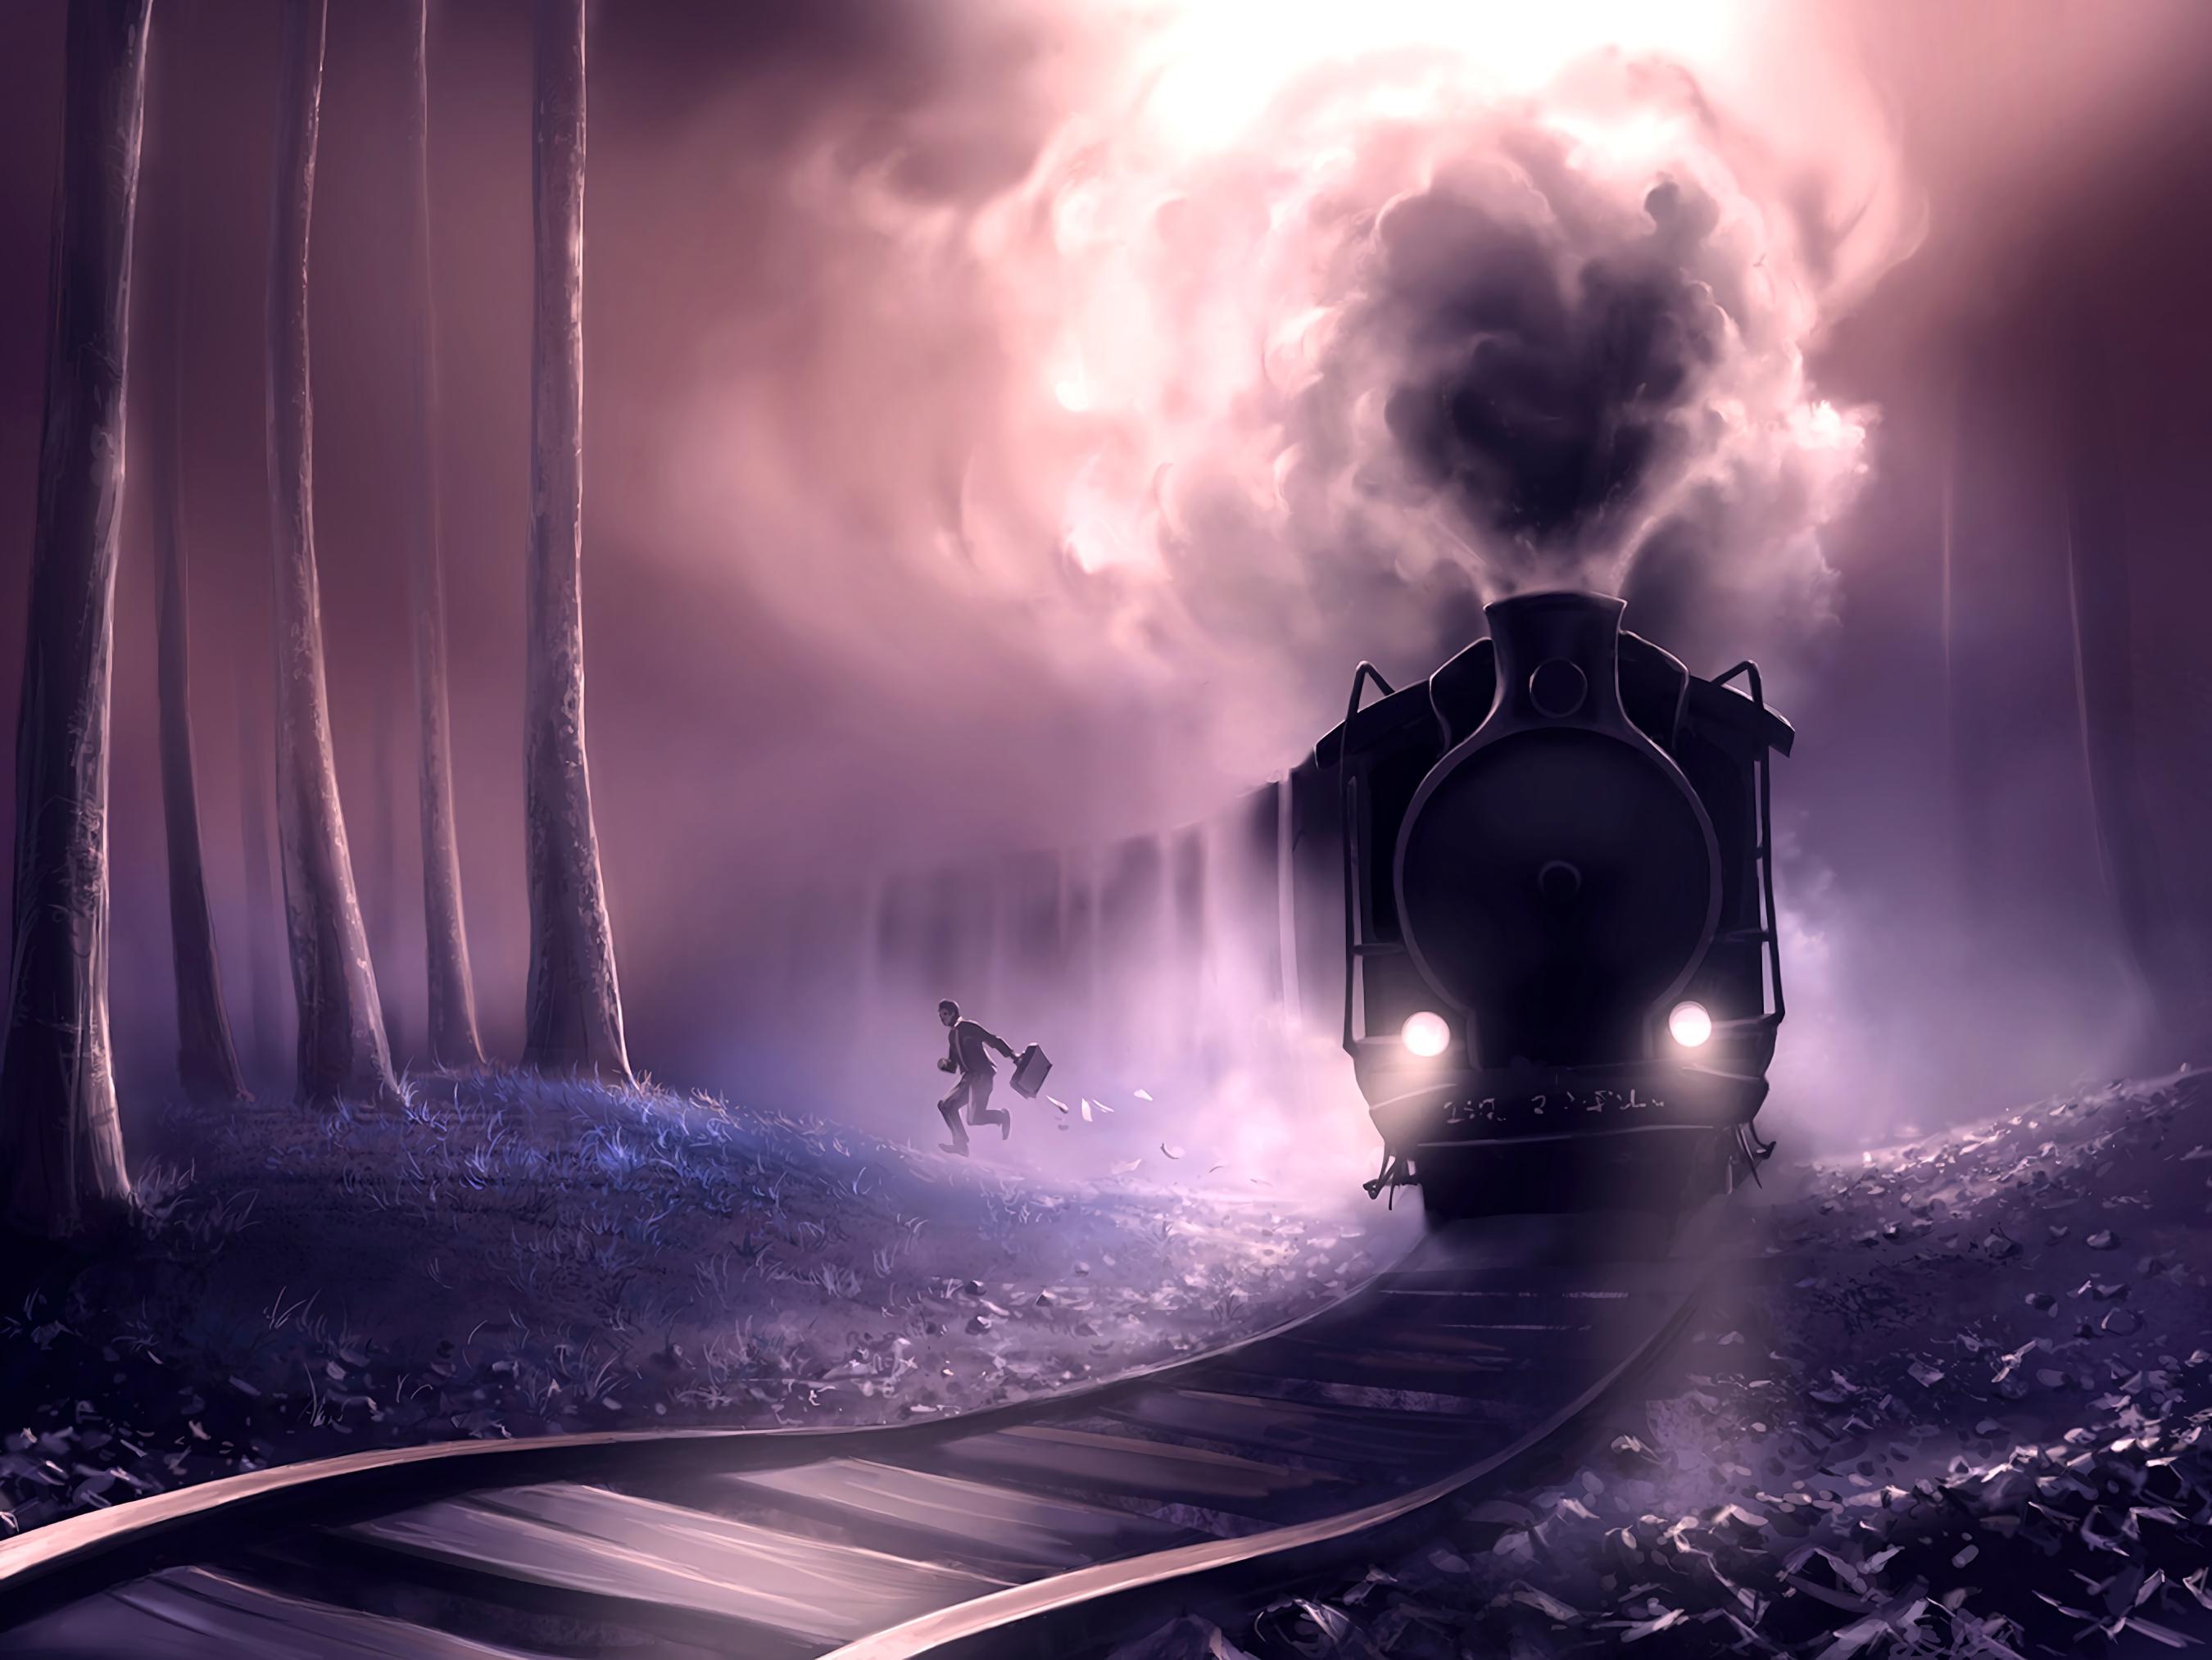 92059 Hintergrundbild 540x960 kostenlos auf deinem Handy, lade Bilder Eisenbahn, Kunst, Mensch, Person, Ein Zug, Zug, Sprießen, Eile, Die Flucht 540x960 auf dein Handy herunter